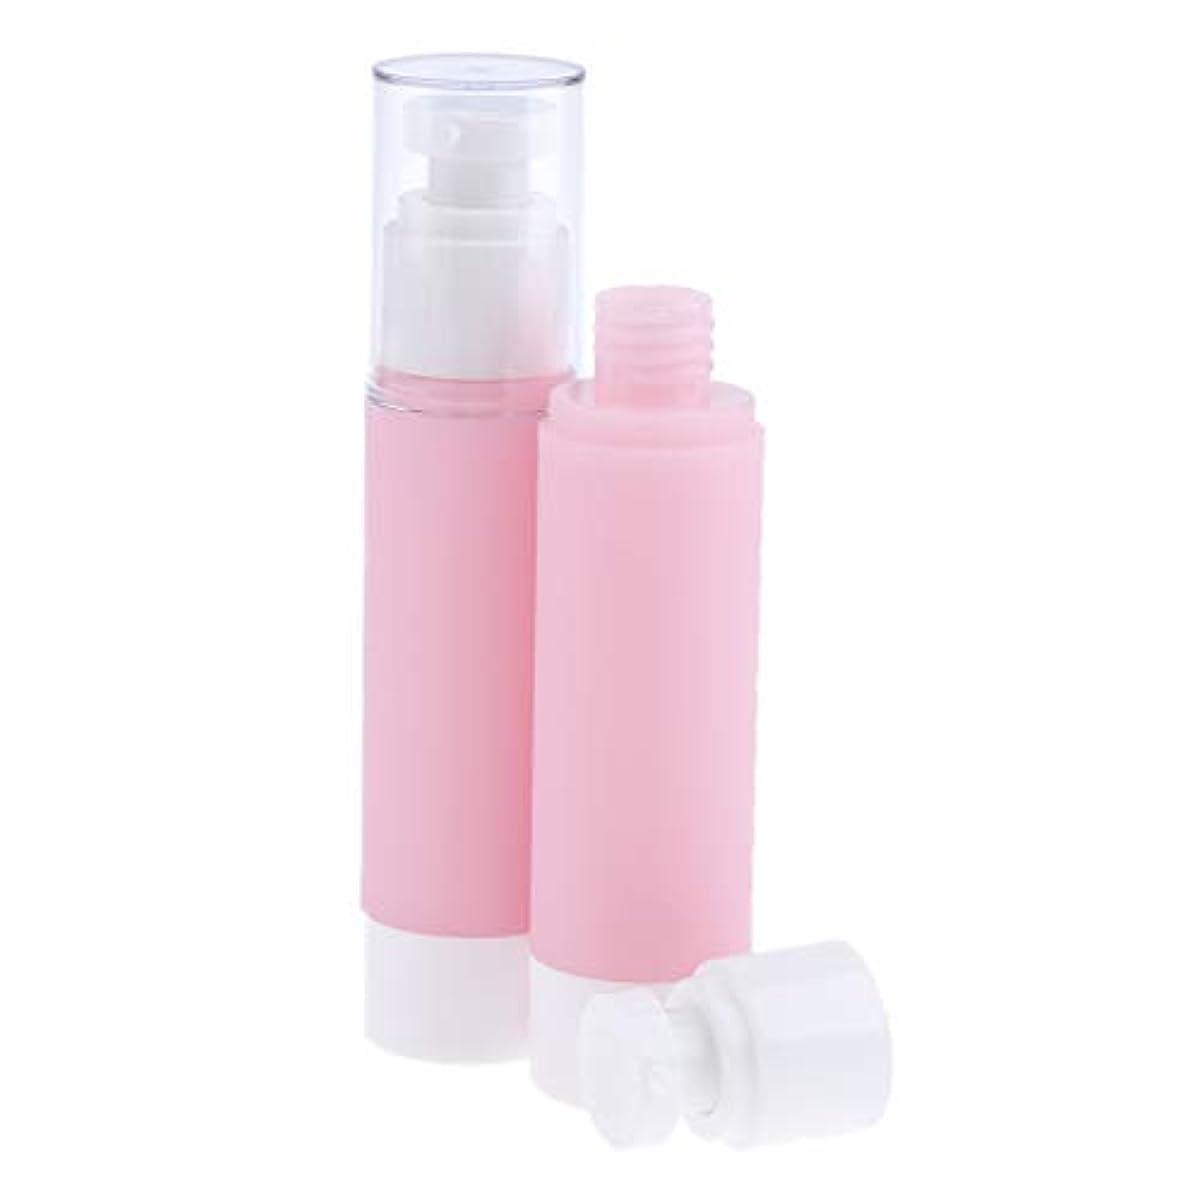 動的犯す前述の2個 スプレーボトル 化粧品容器 空ボトル メイクアップ エアレスポンプボトル 4サイズ選べ - 100ミリリットル